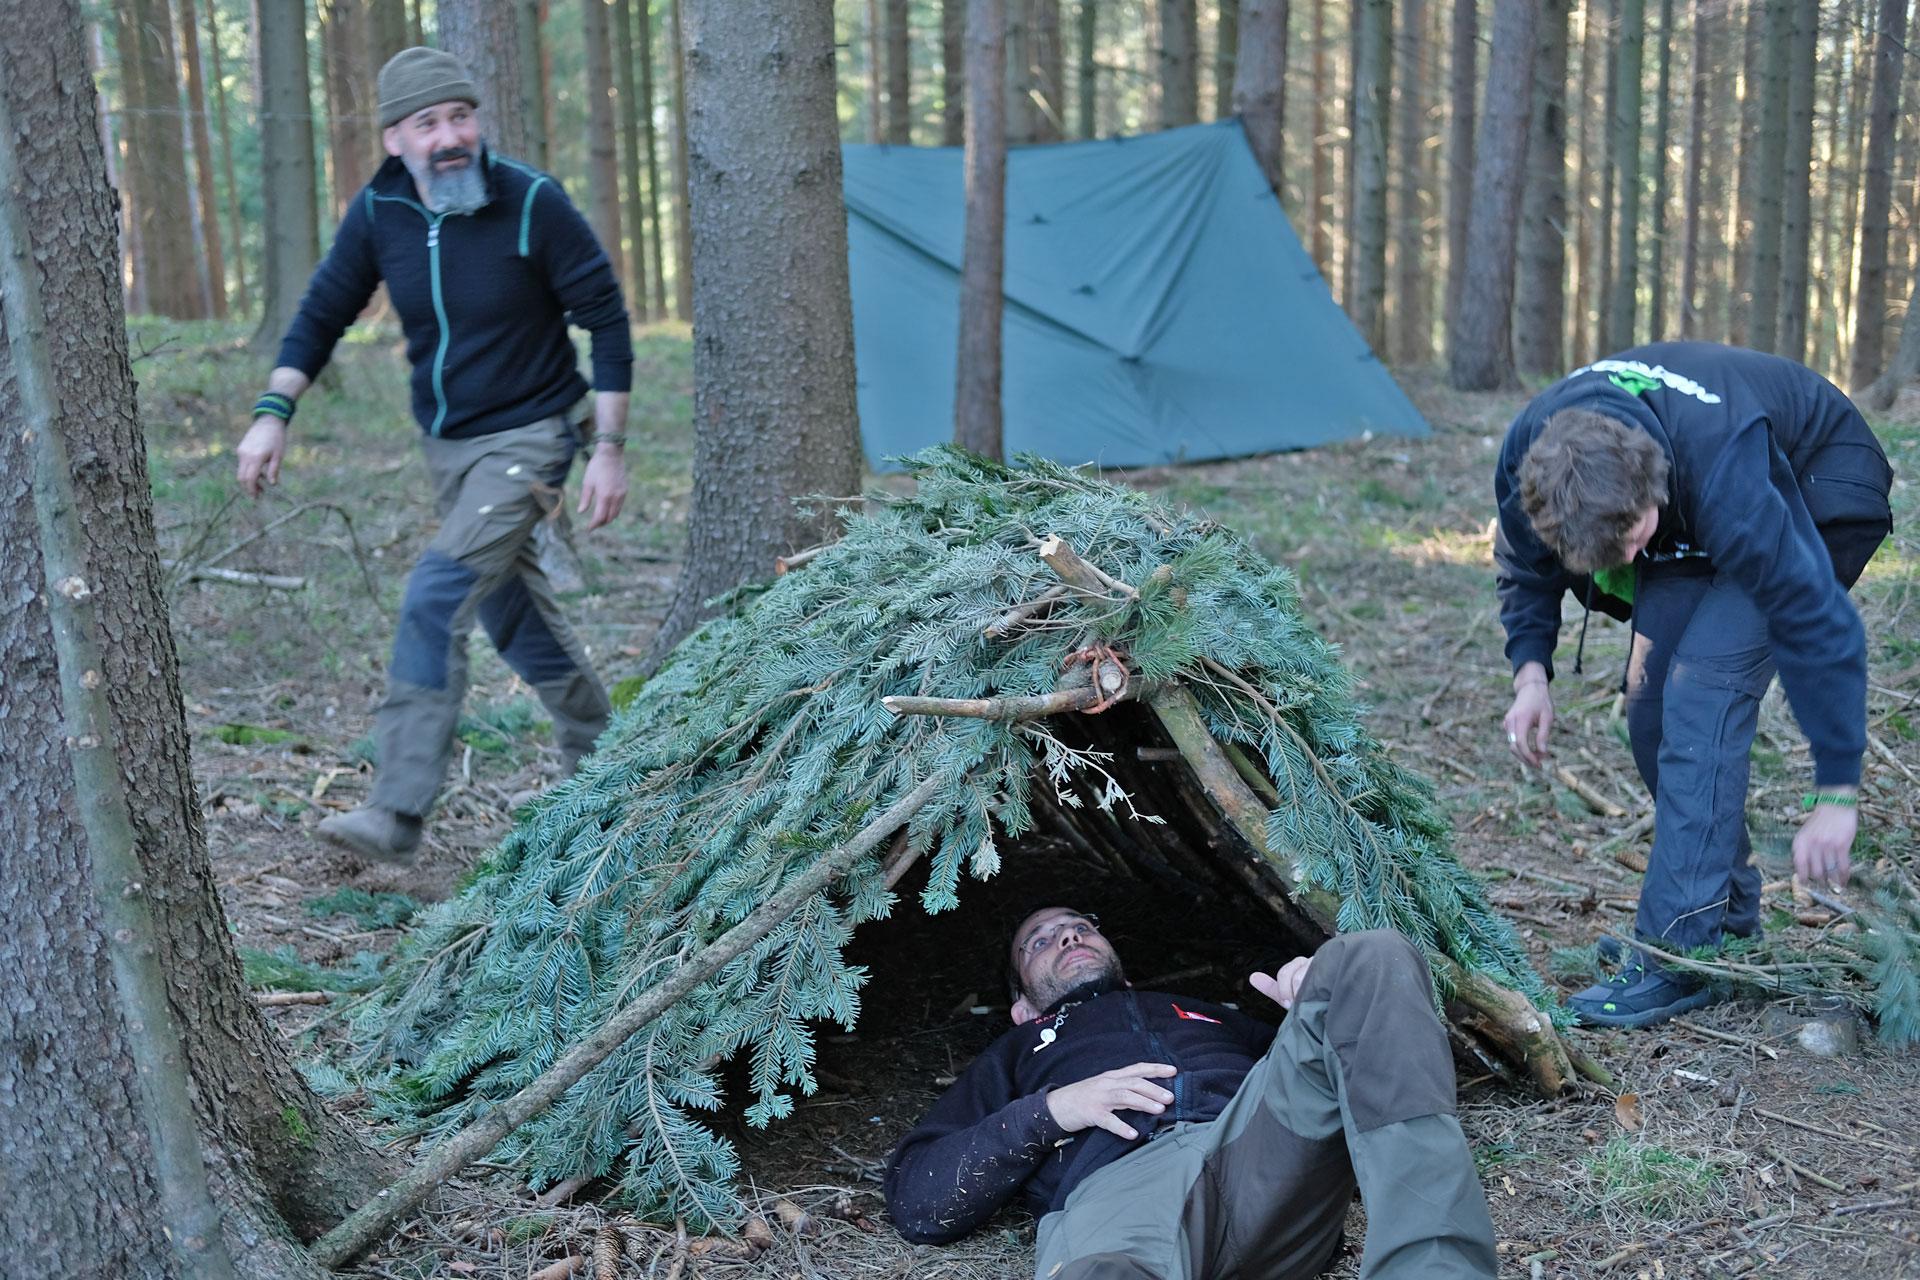 Überlebenstechniken - ein Wochenende in der Wachau 1